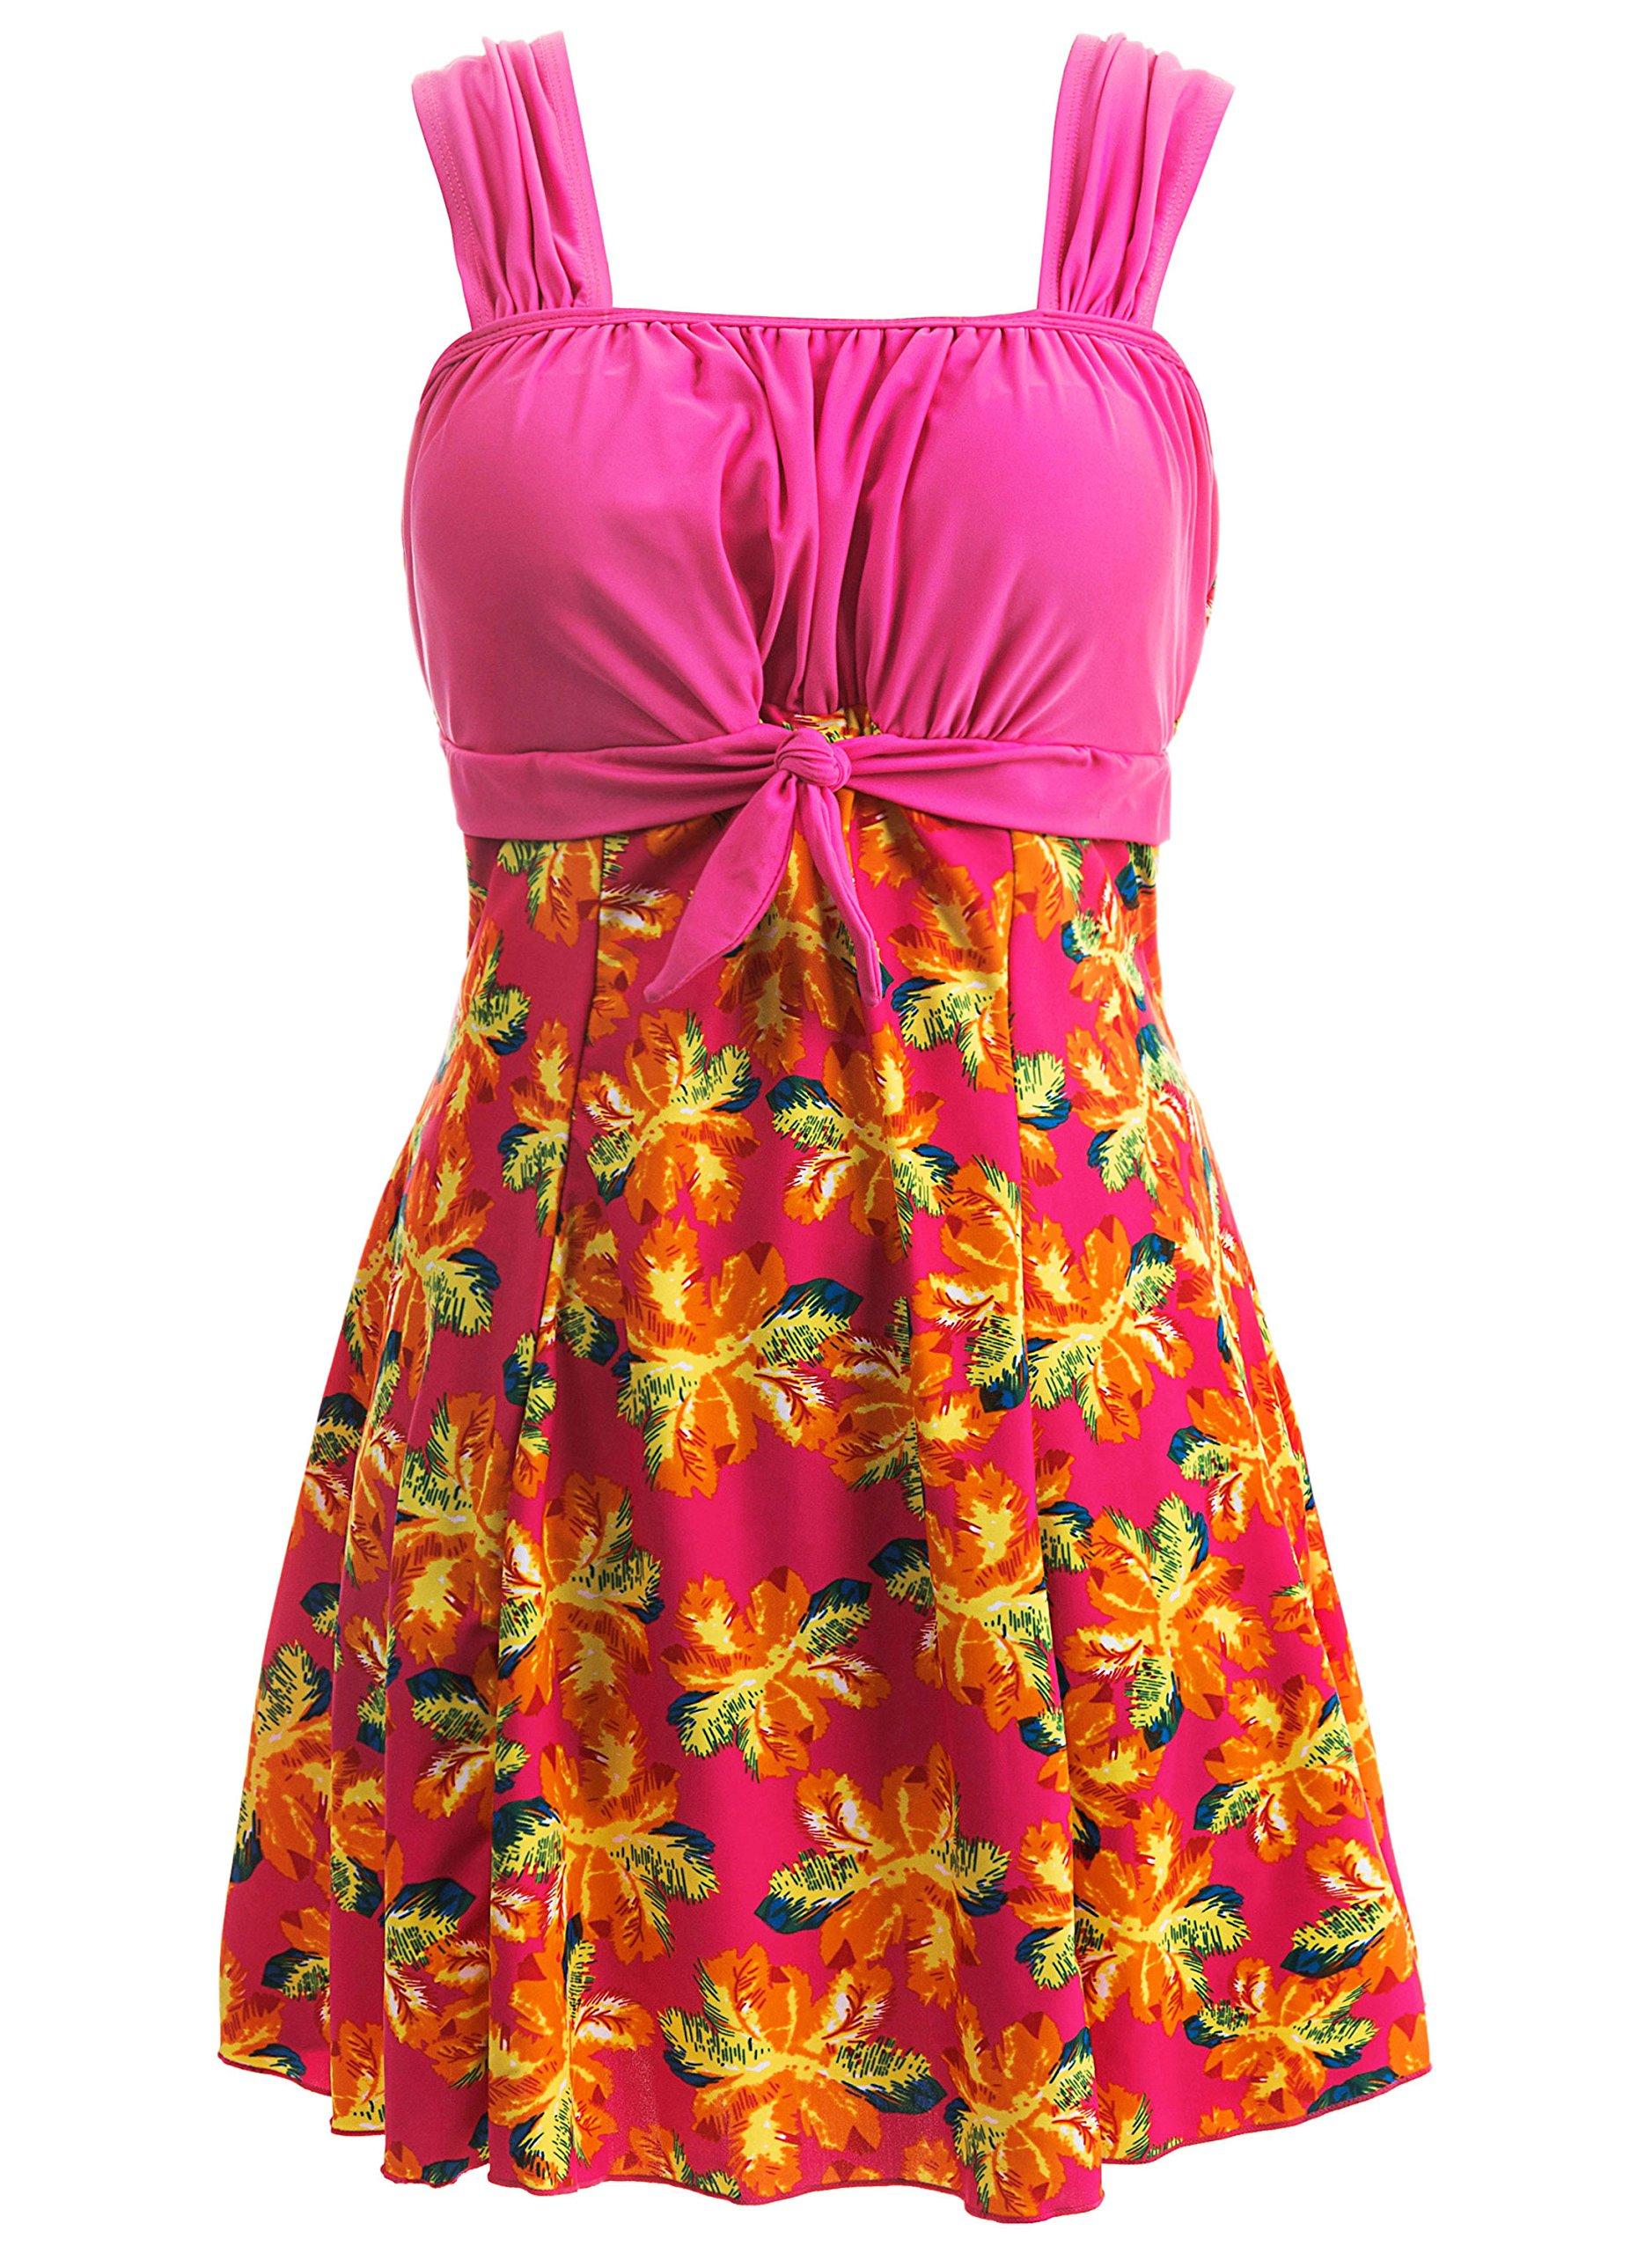 Wantdo Women's Bowknot Dress Cover Up Swimwear Beach Suit Beachwear Plus Size Roseflower US 16-18